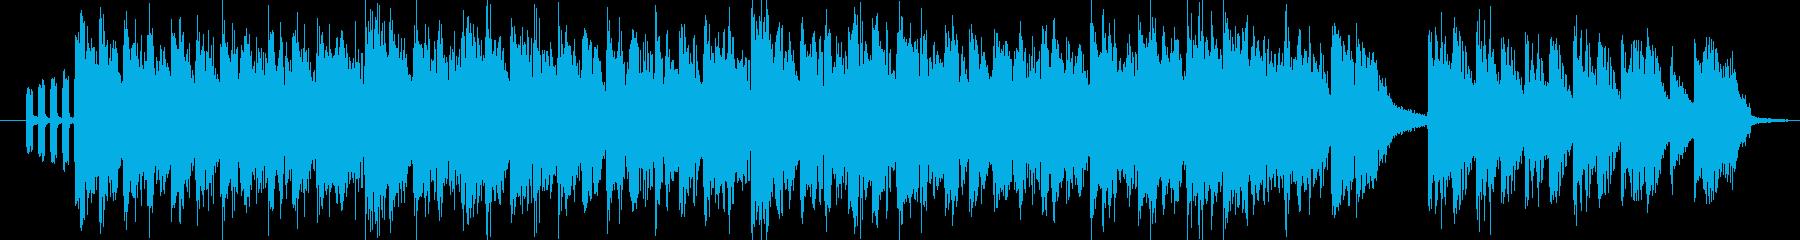 マイナーギターテクノロックのんの再生済みの波形